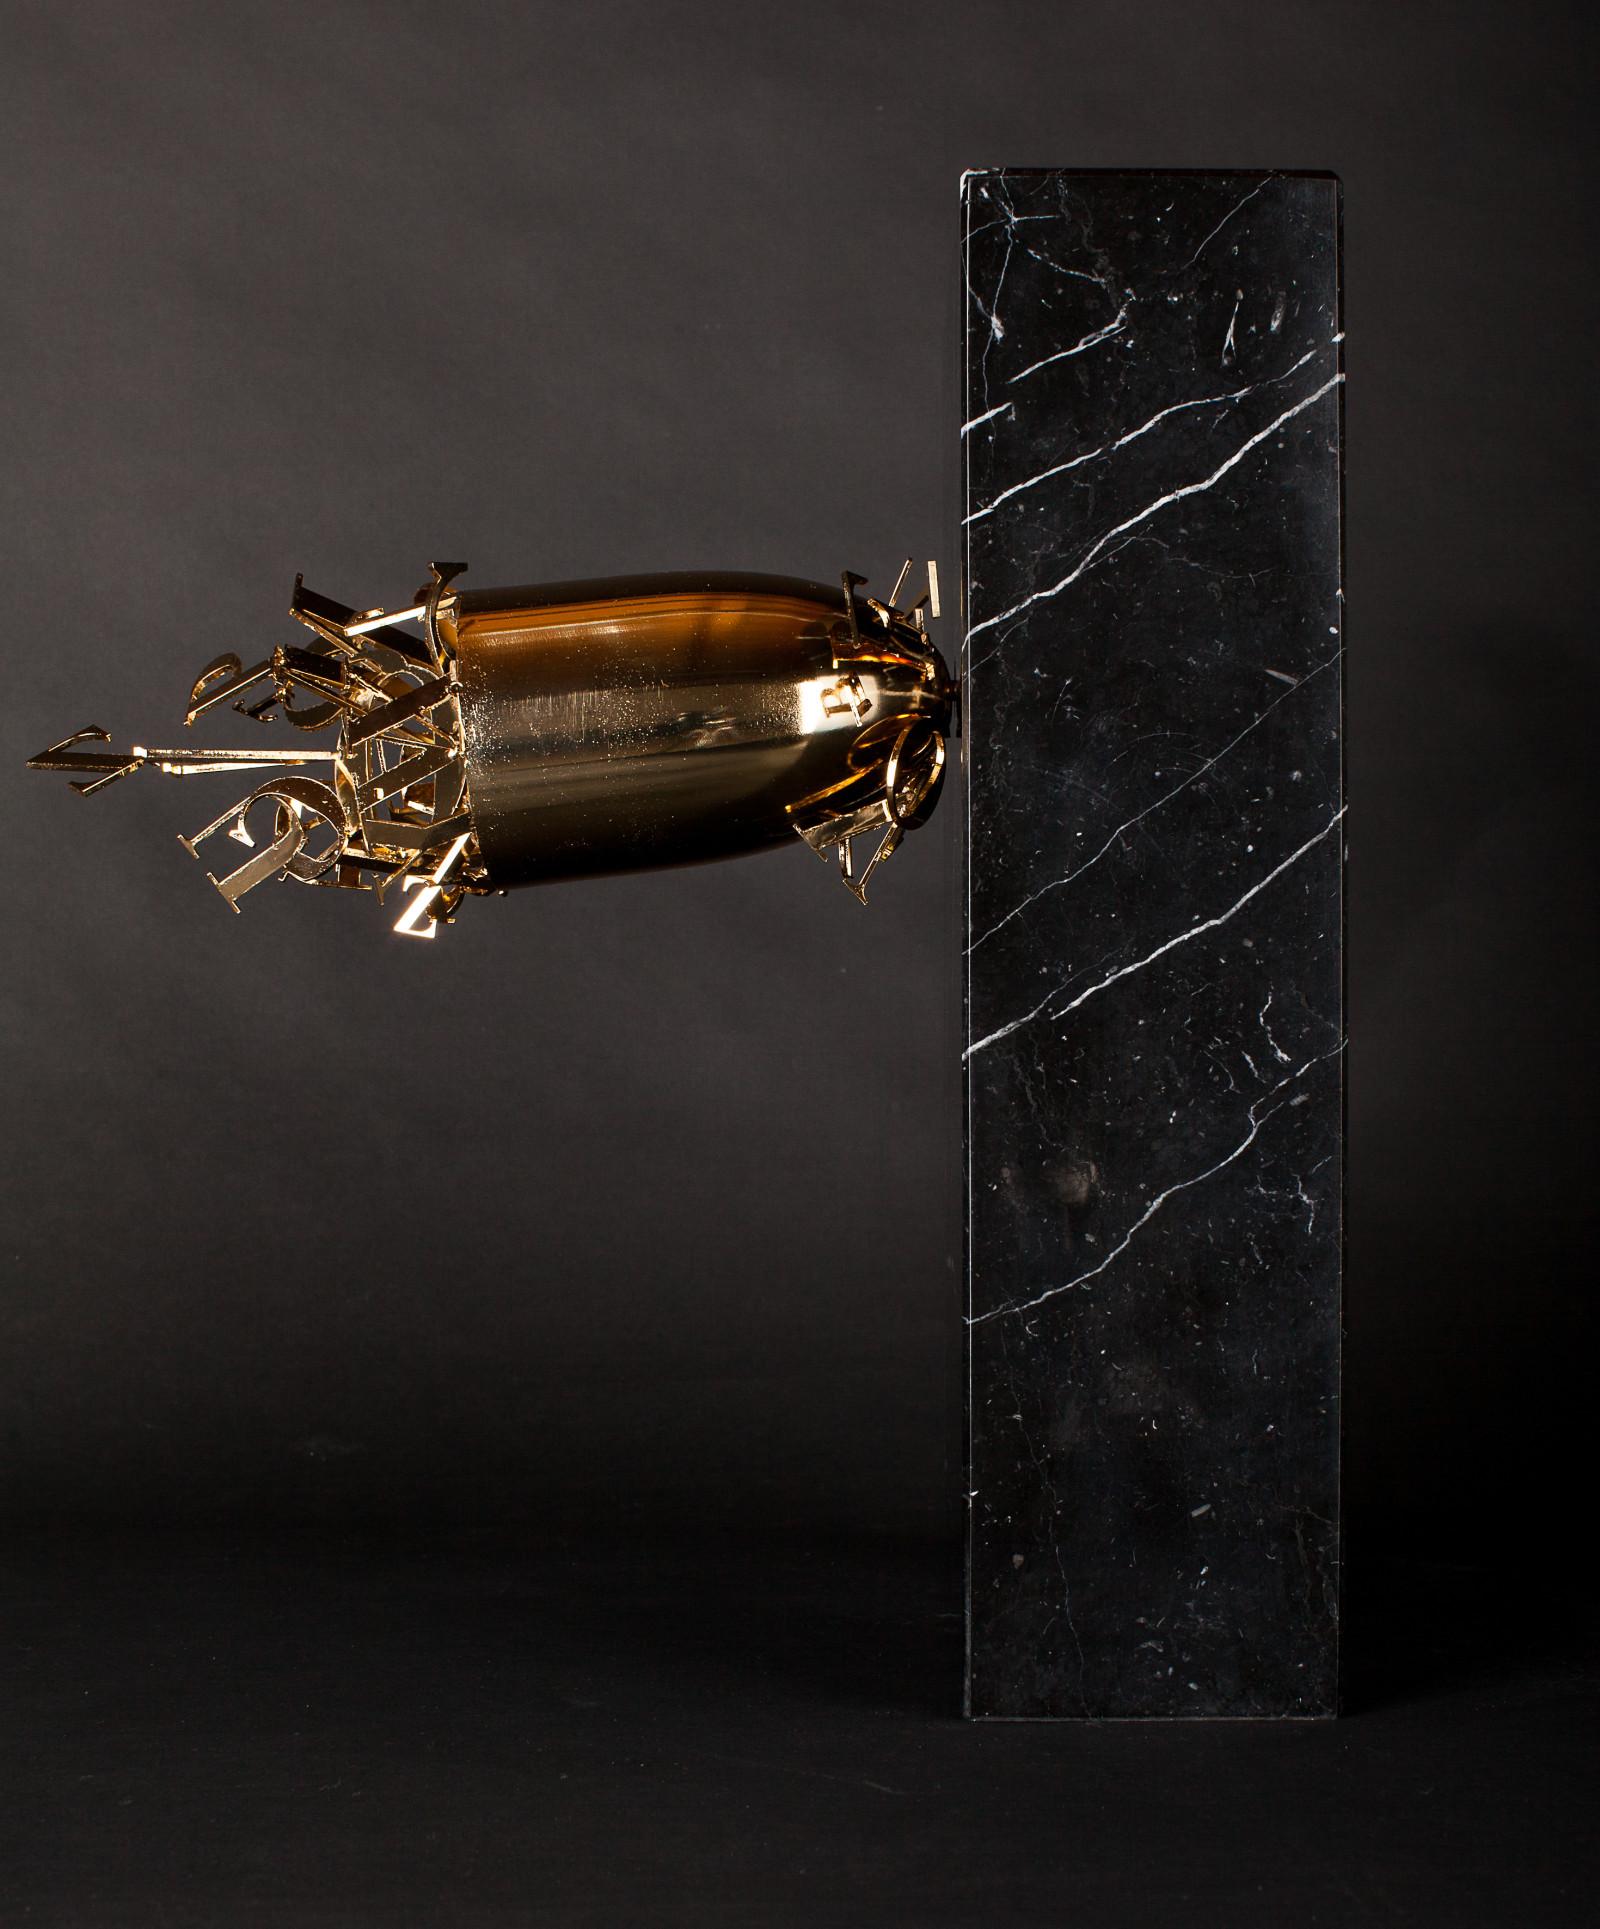 pallottola-3